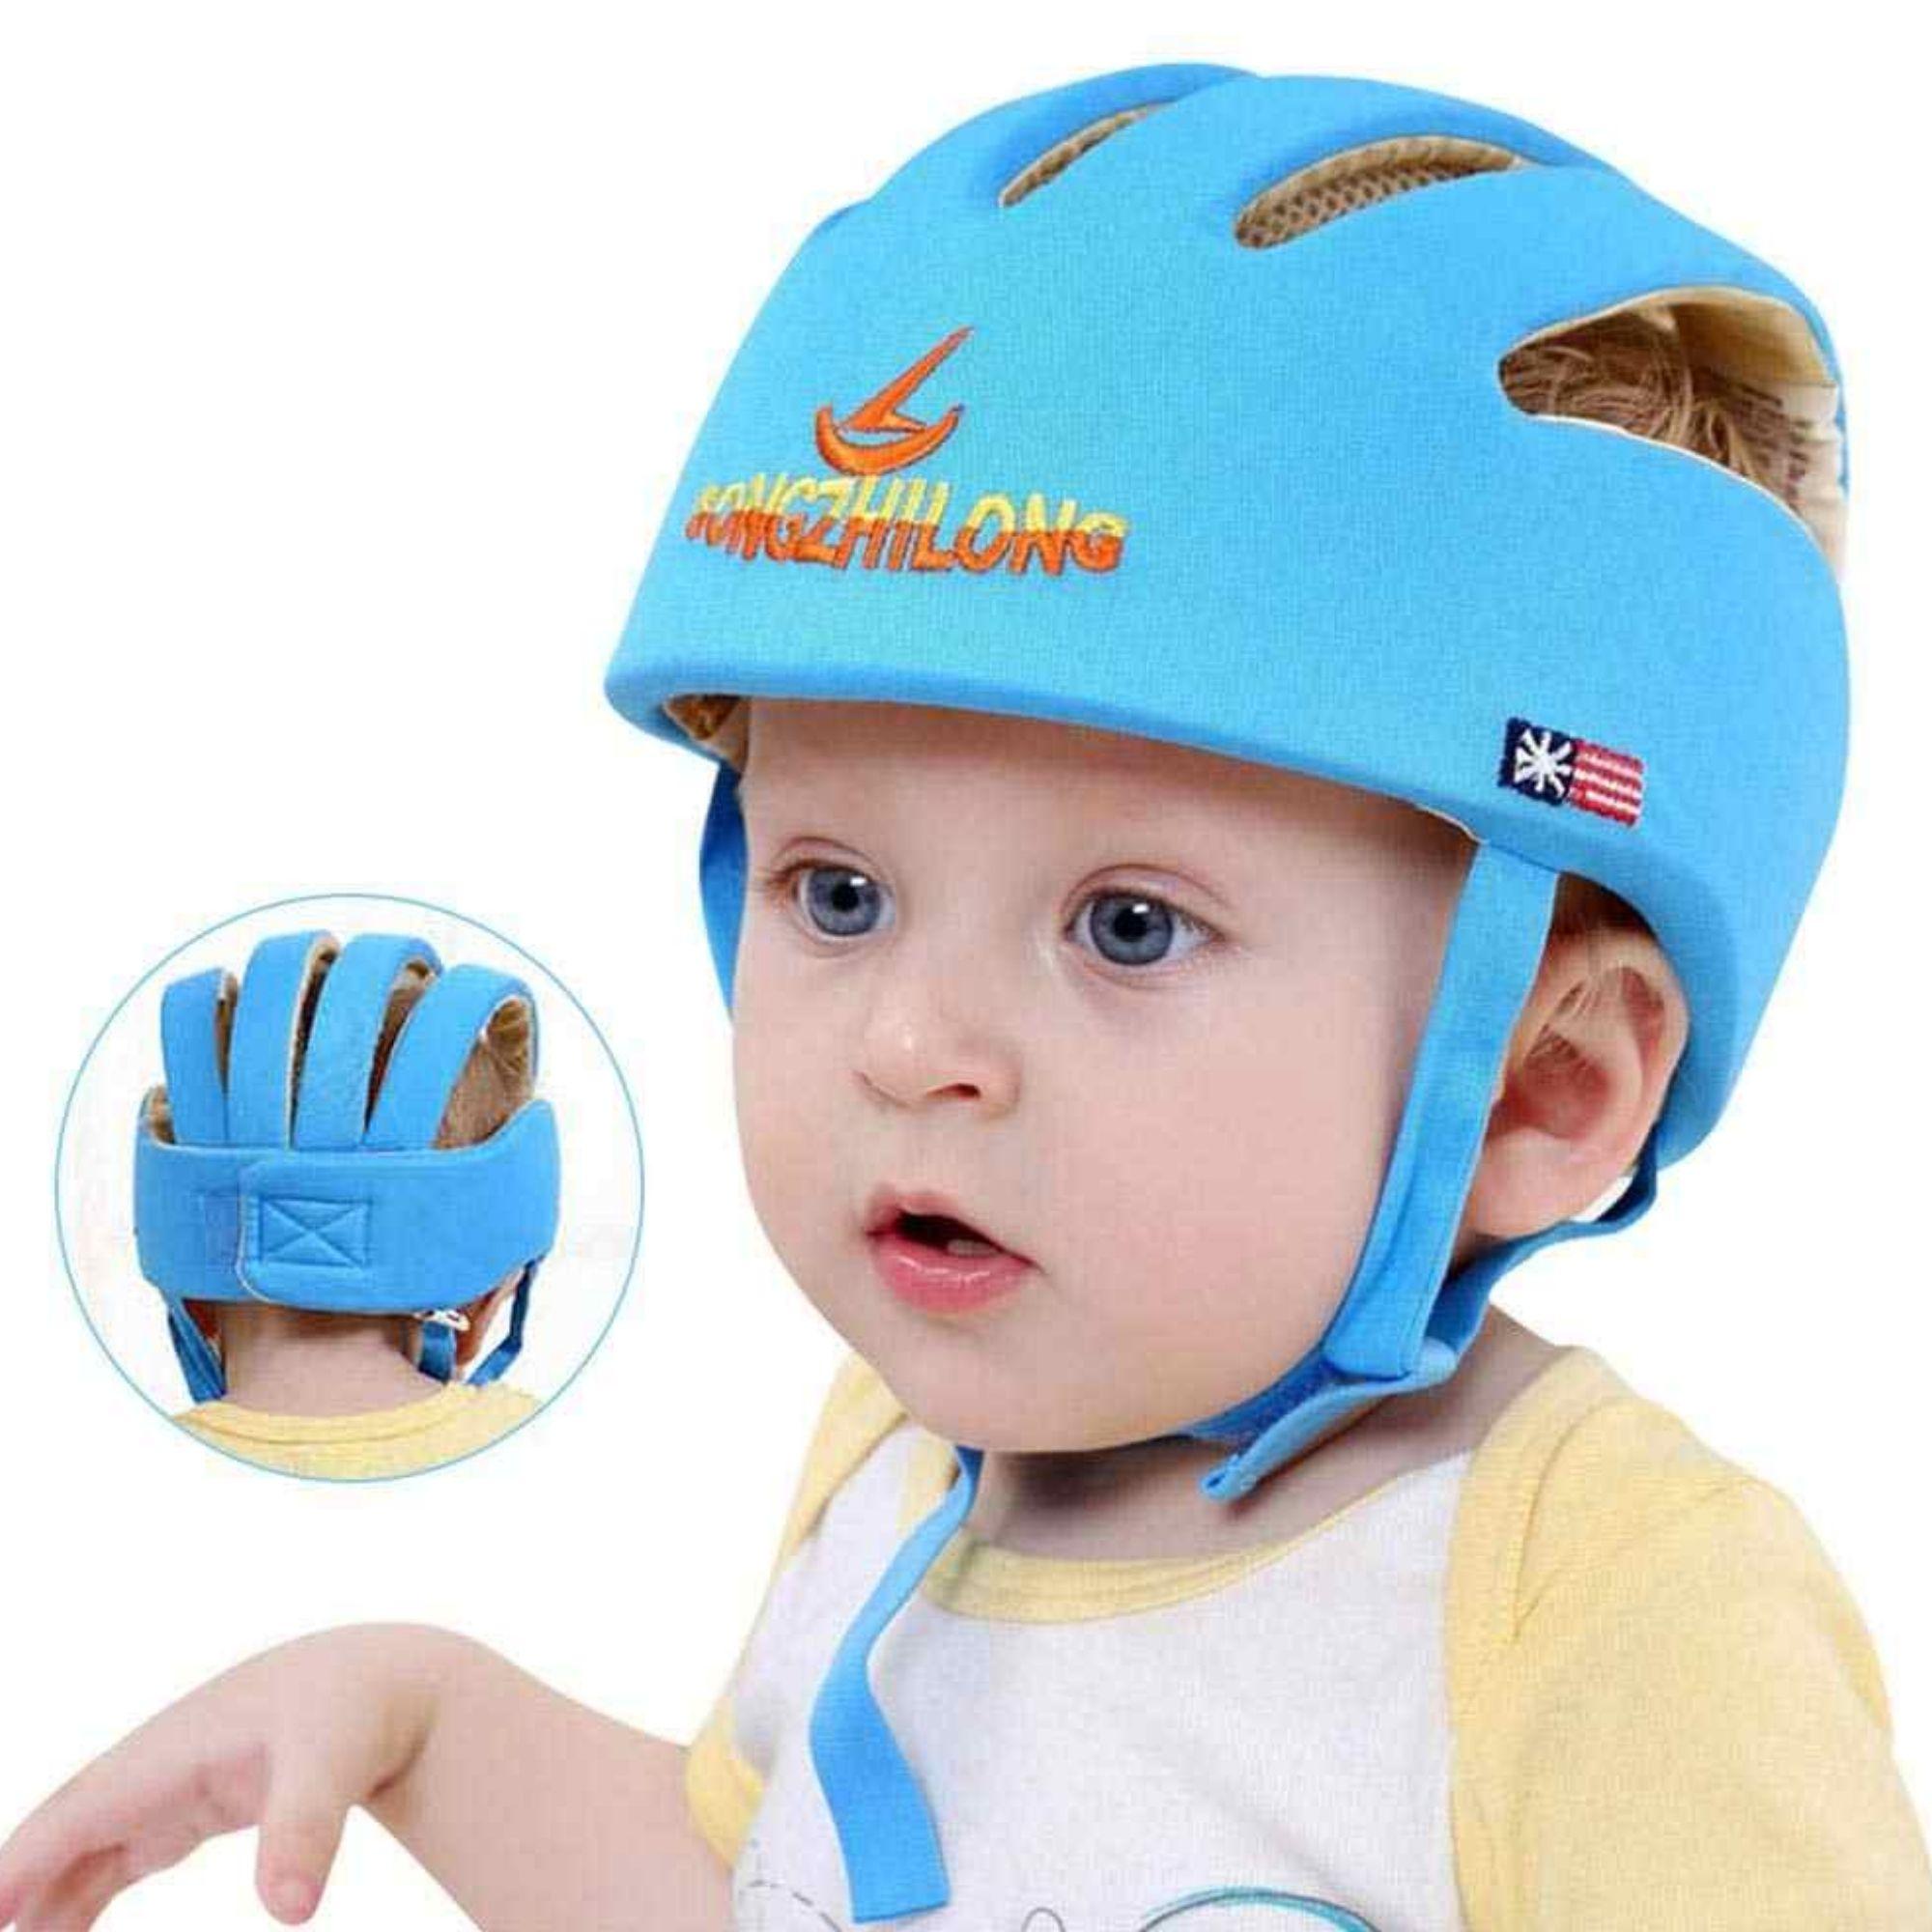 Capacete de Proteção p/ bebês engatinhar e caminhar anti quedas  - Game Land Brinquedos